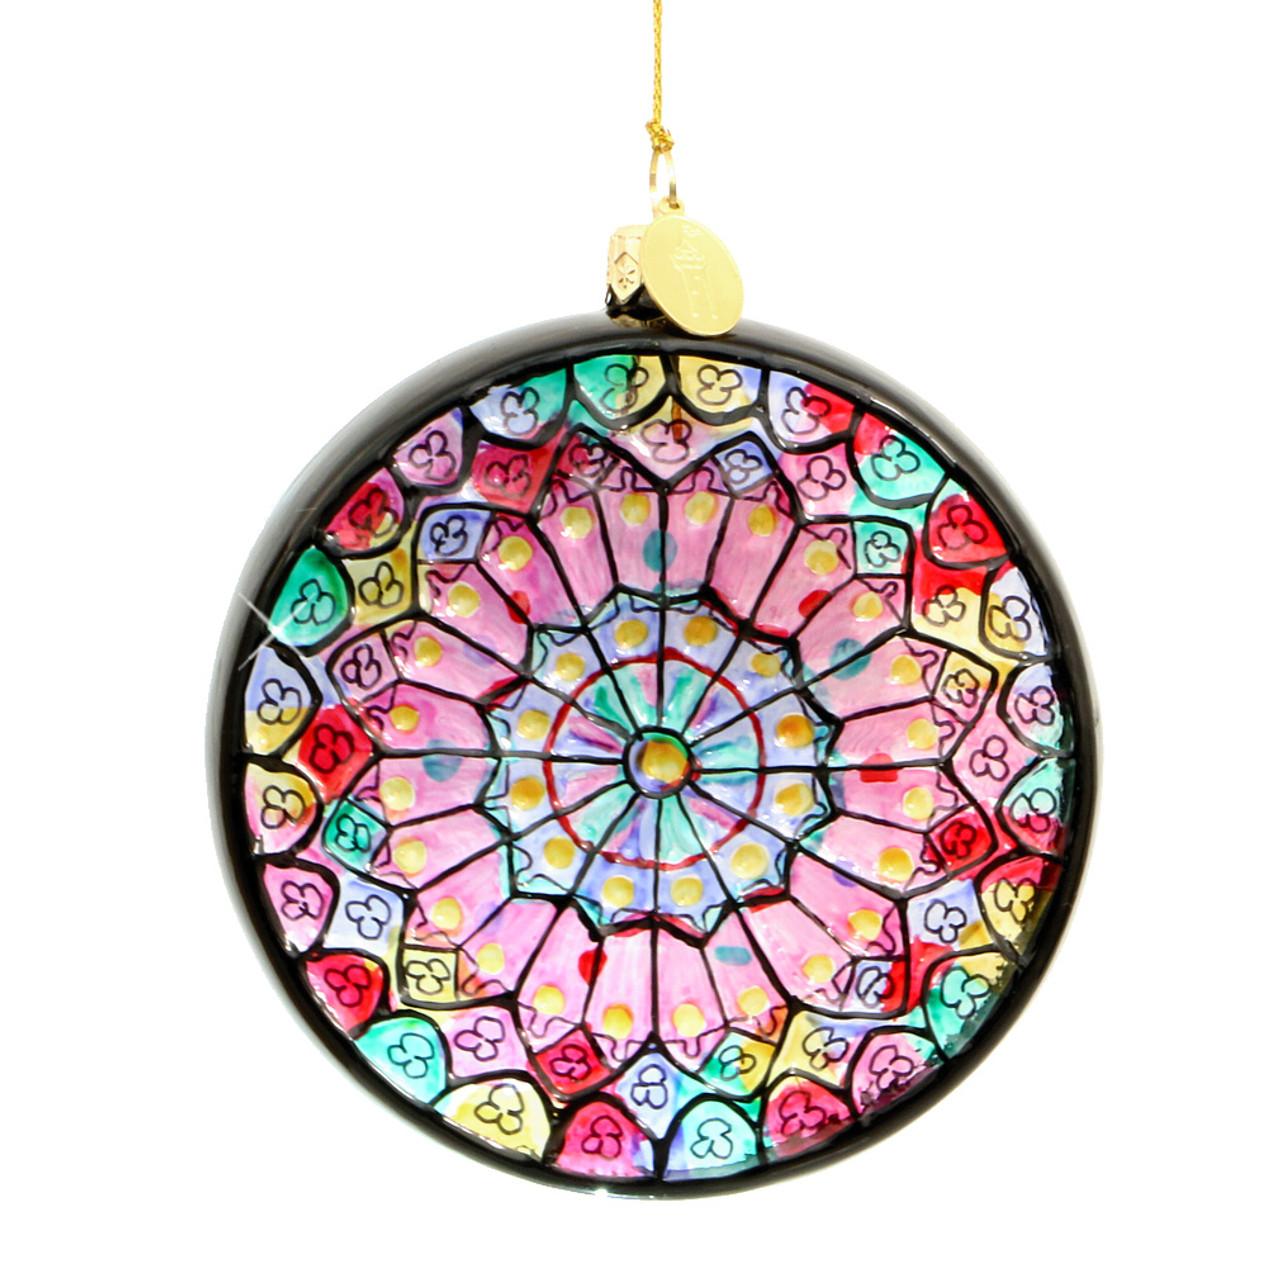 Paris Notre Dame Rose Window Ornament - Glass